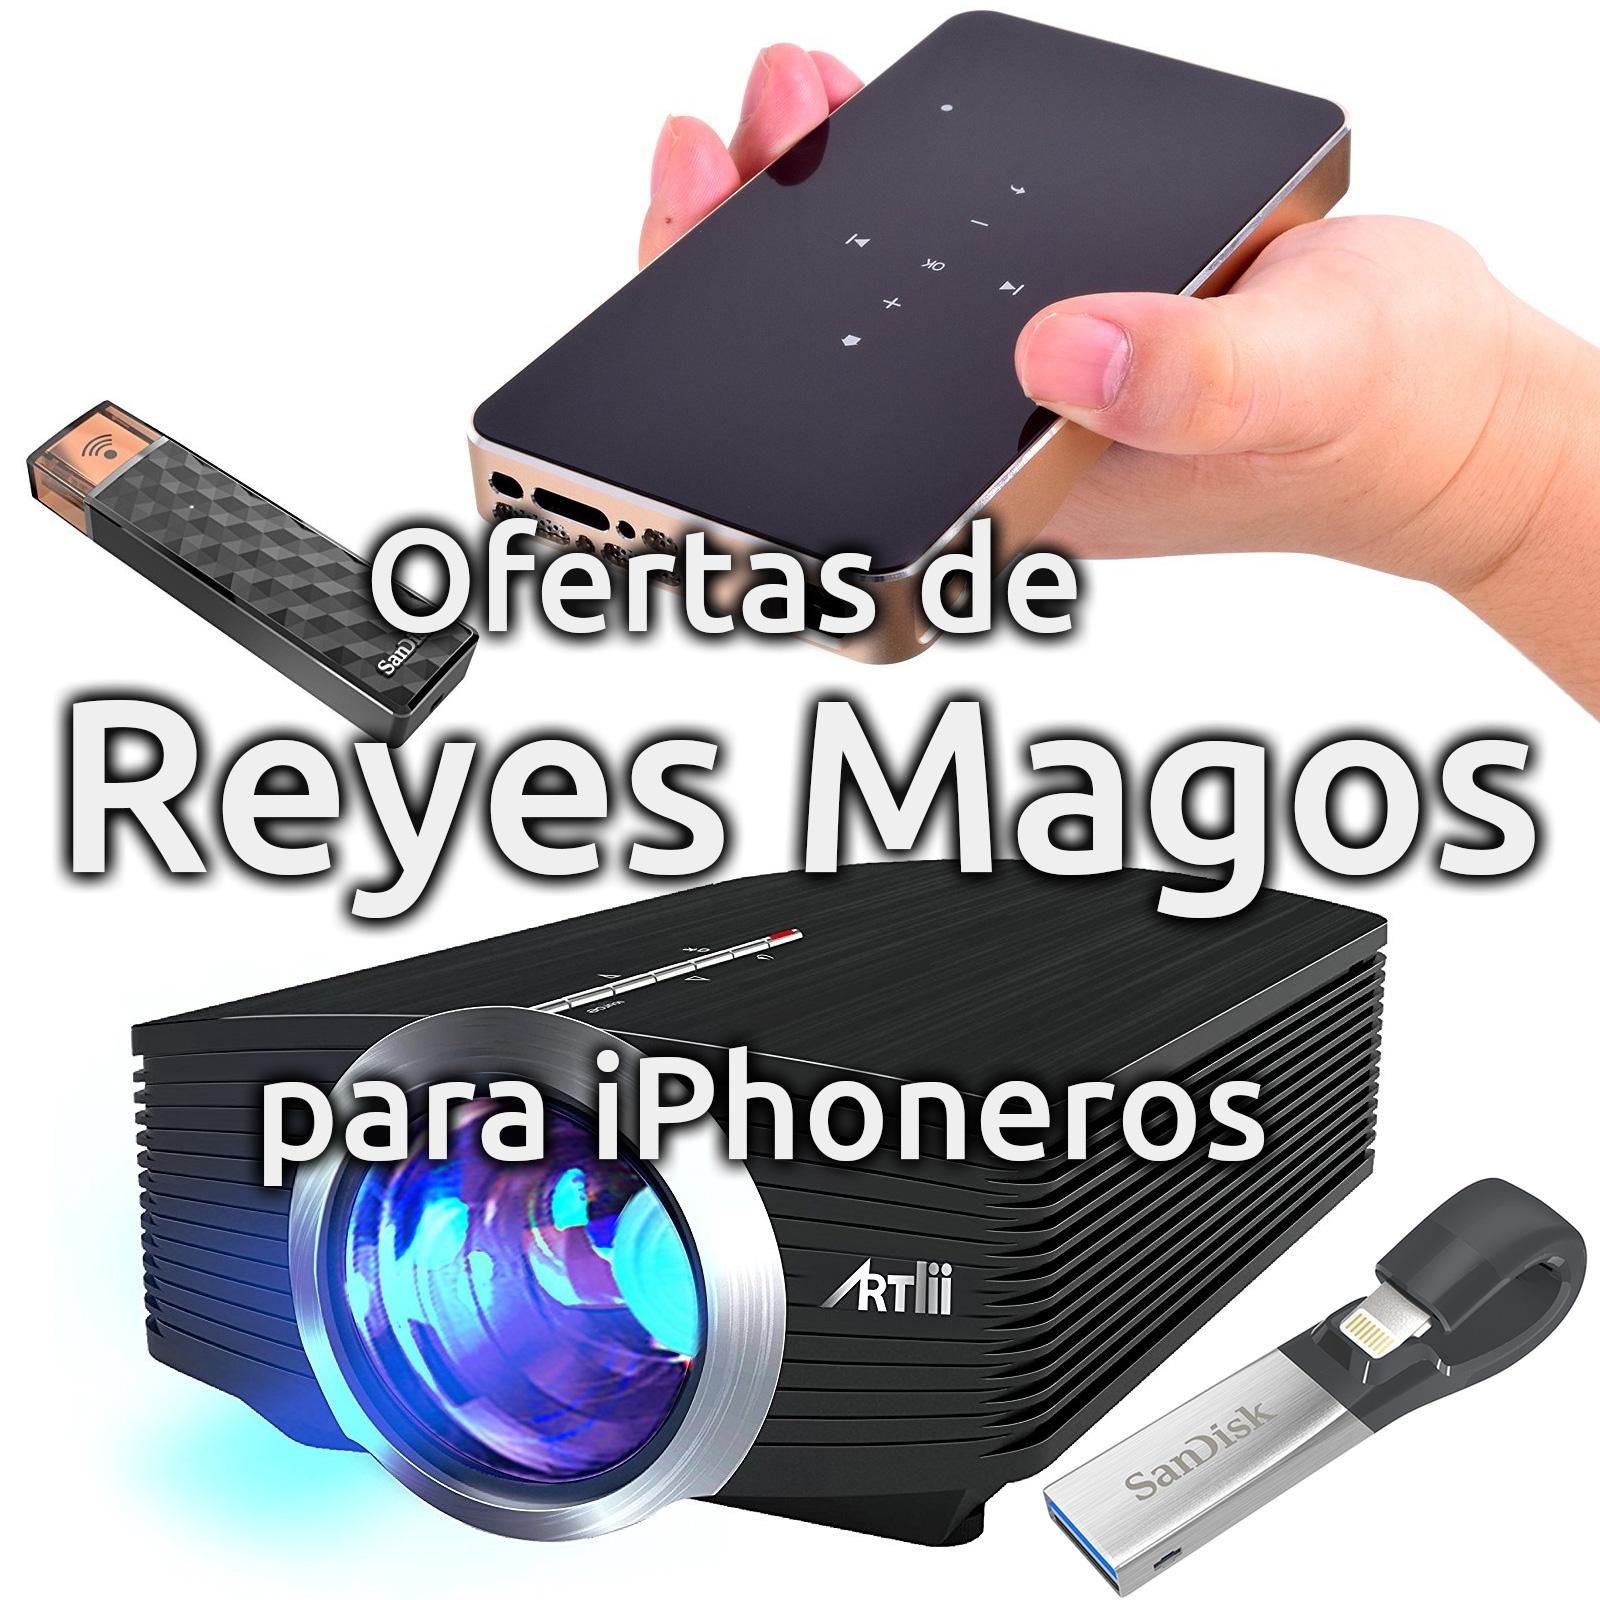 Ofertas para Reyes Magos